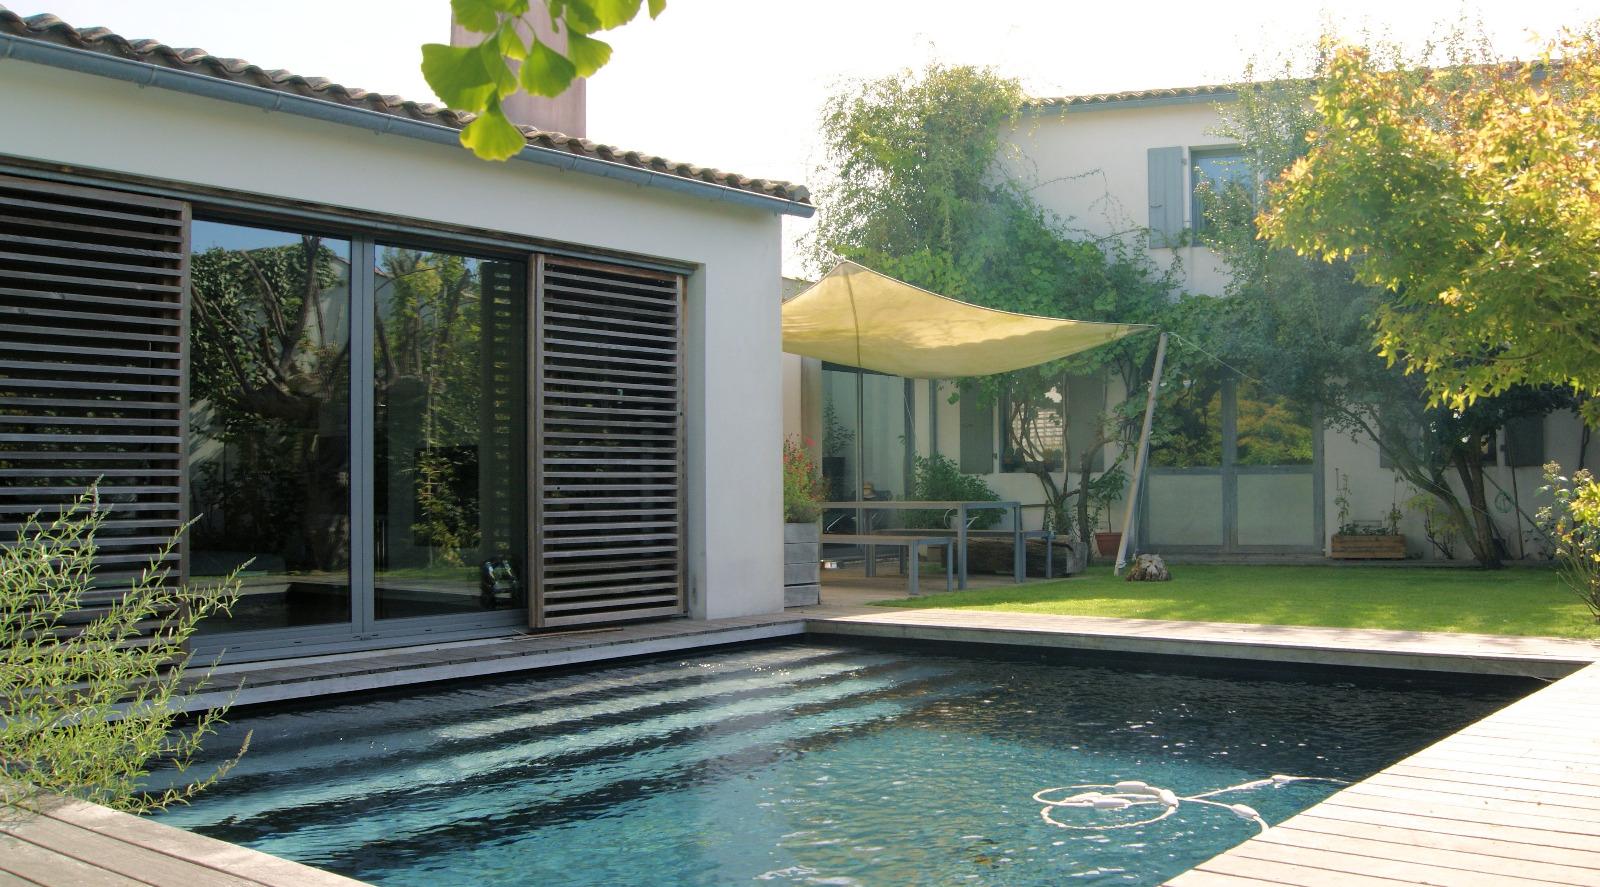 206 le de r 233 le bois plage en r 233 villa moderne aux prestations de qualit 233 avec piscine immo